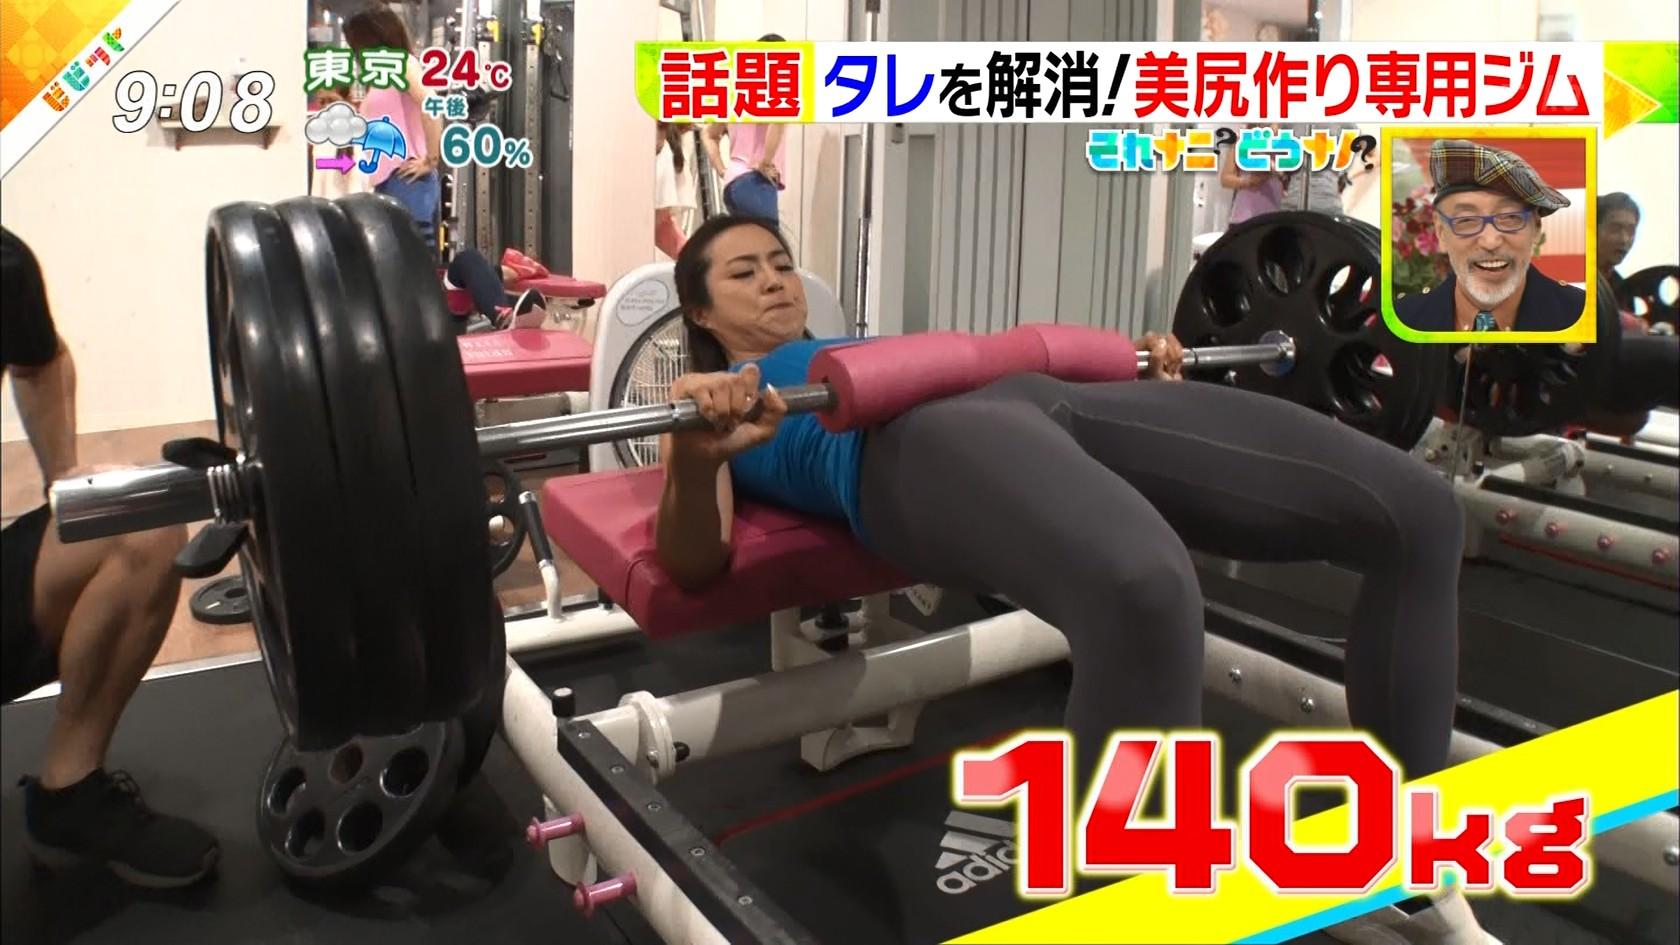 岡部友_美尻_スパッツ_テレビキャプ画像_07